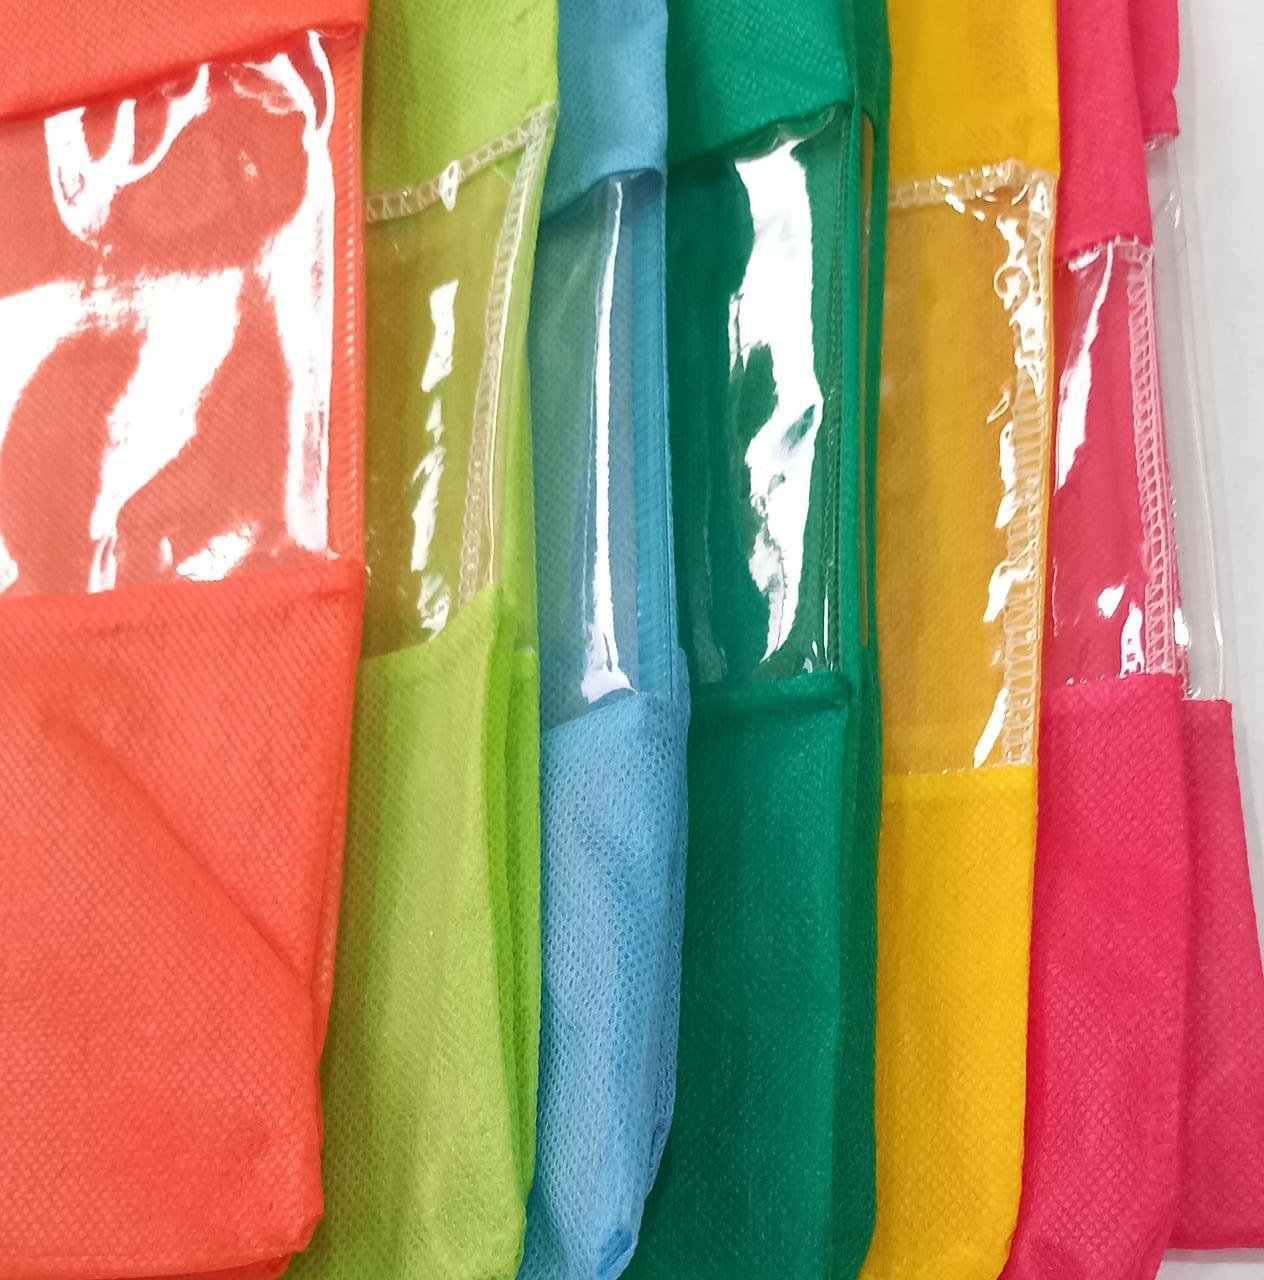 12 Saco Organizador para Sapatos  Com Visor Transparente em TNT com 6 cores diferentes